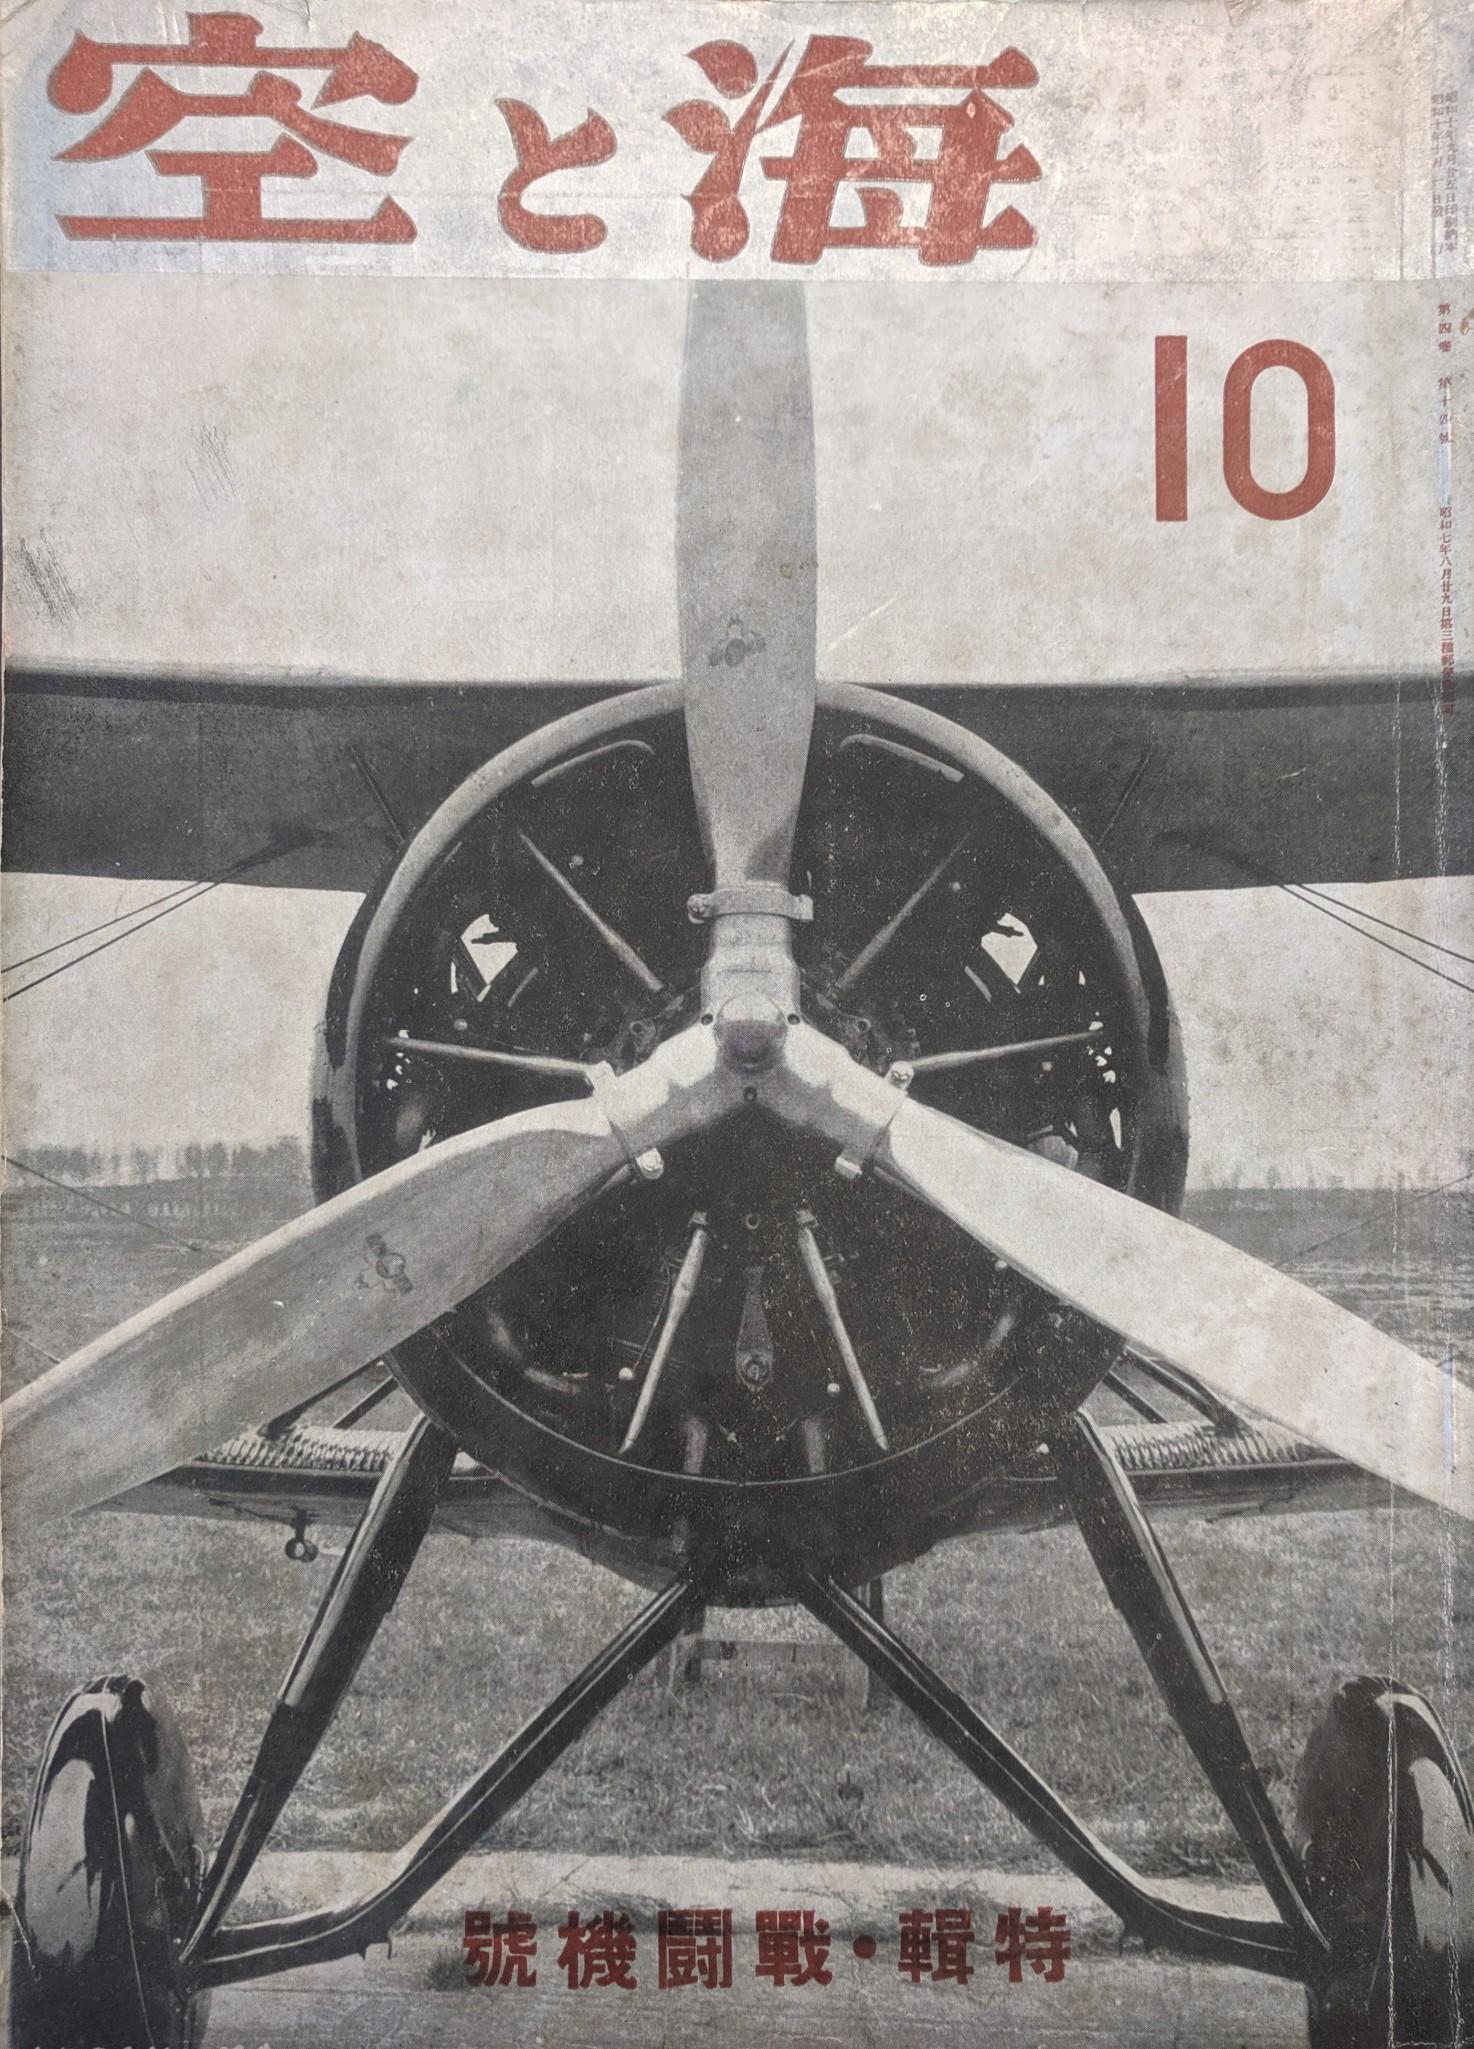 Sora to Umi, October 1935